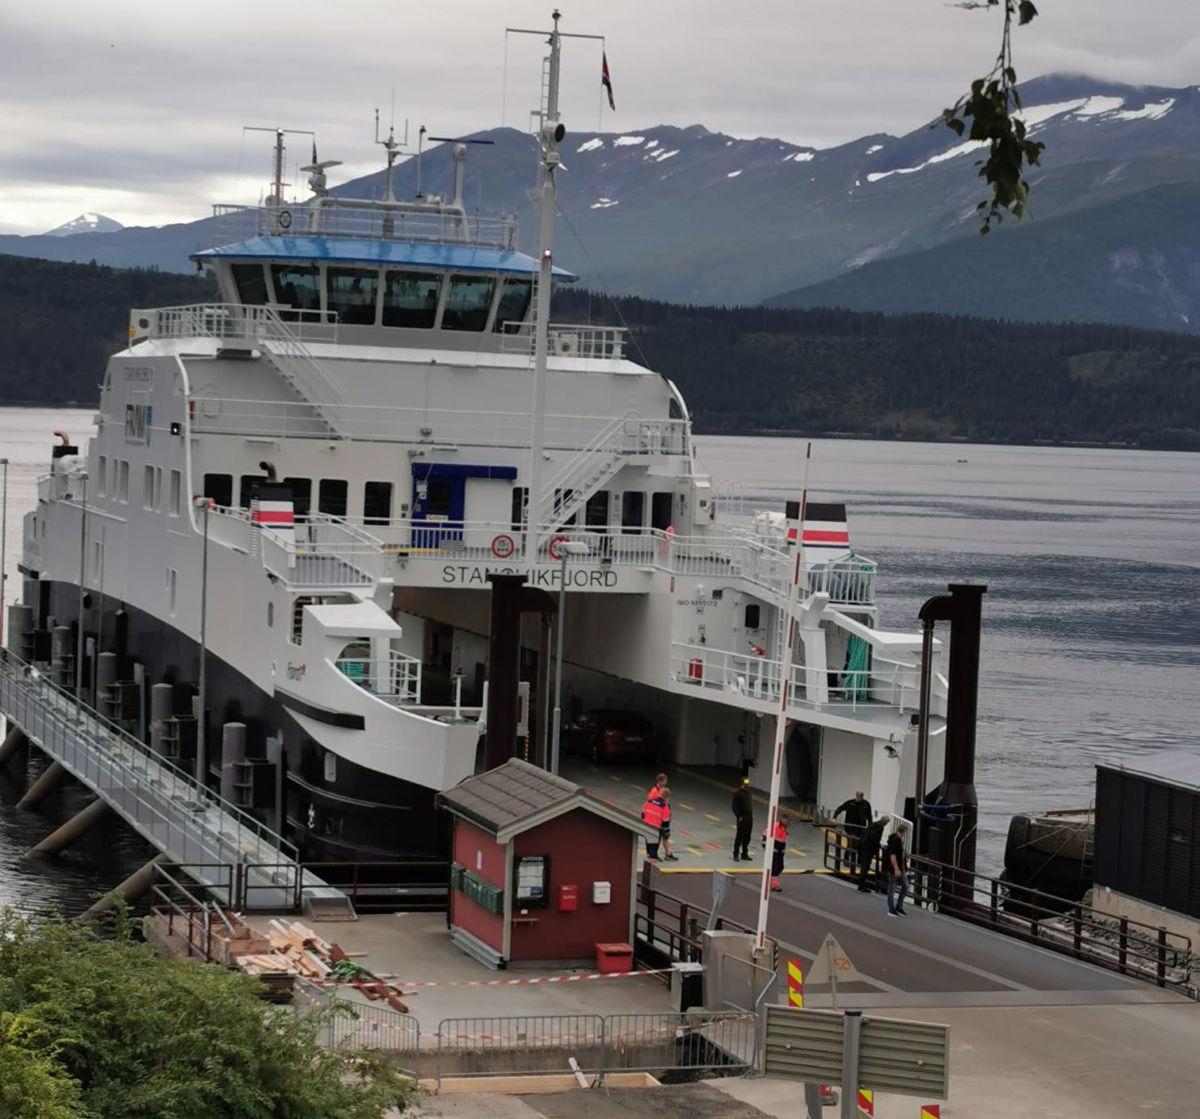 Stangvikfjord på plass ved ferjekaia på Kvanne - klar til å ta fatt på jobben!  Foto: Brit Hansen